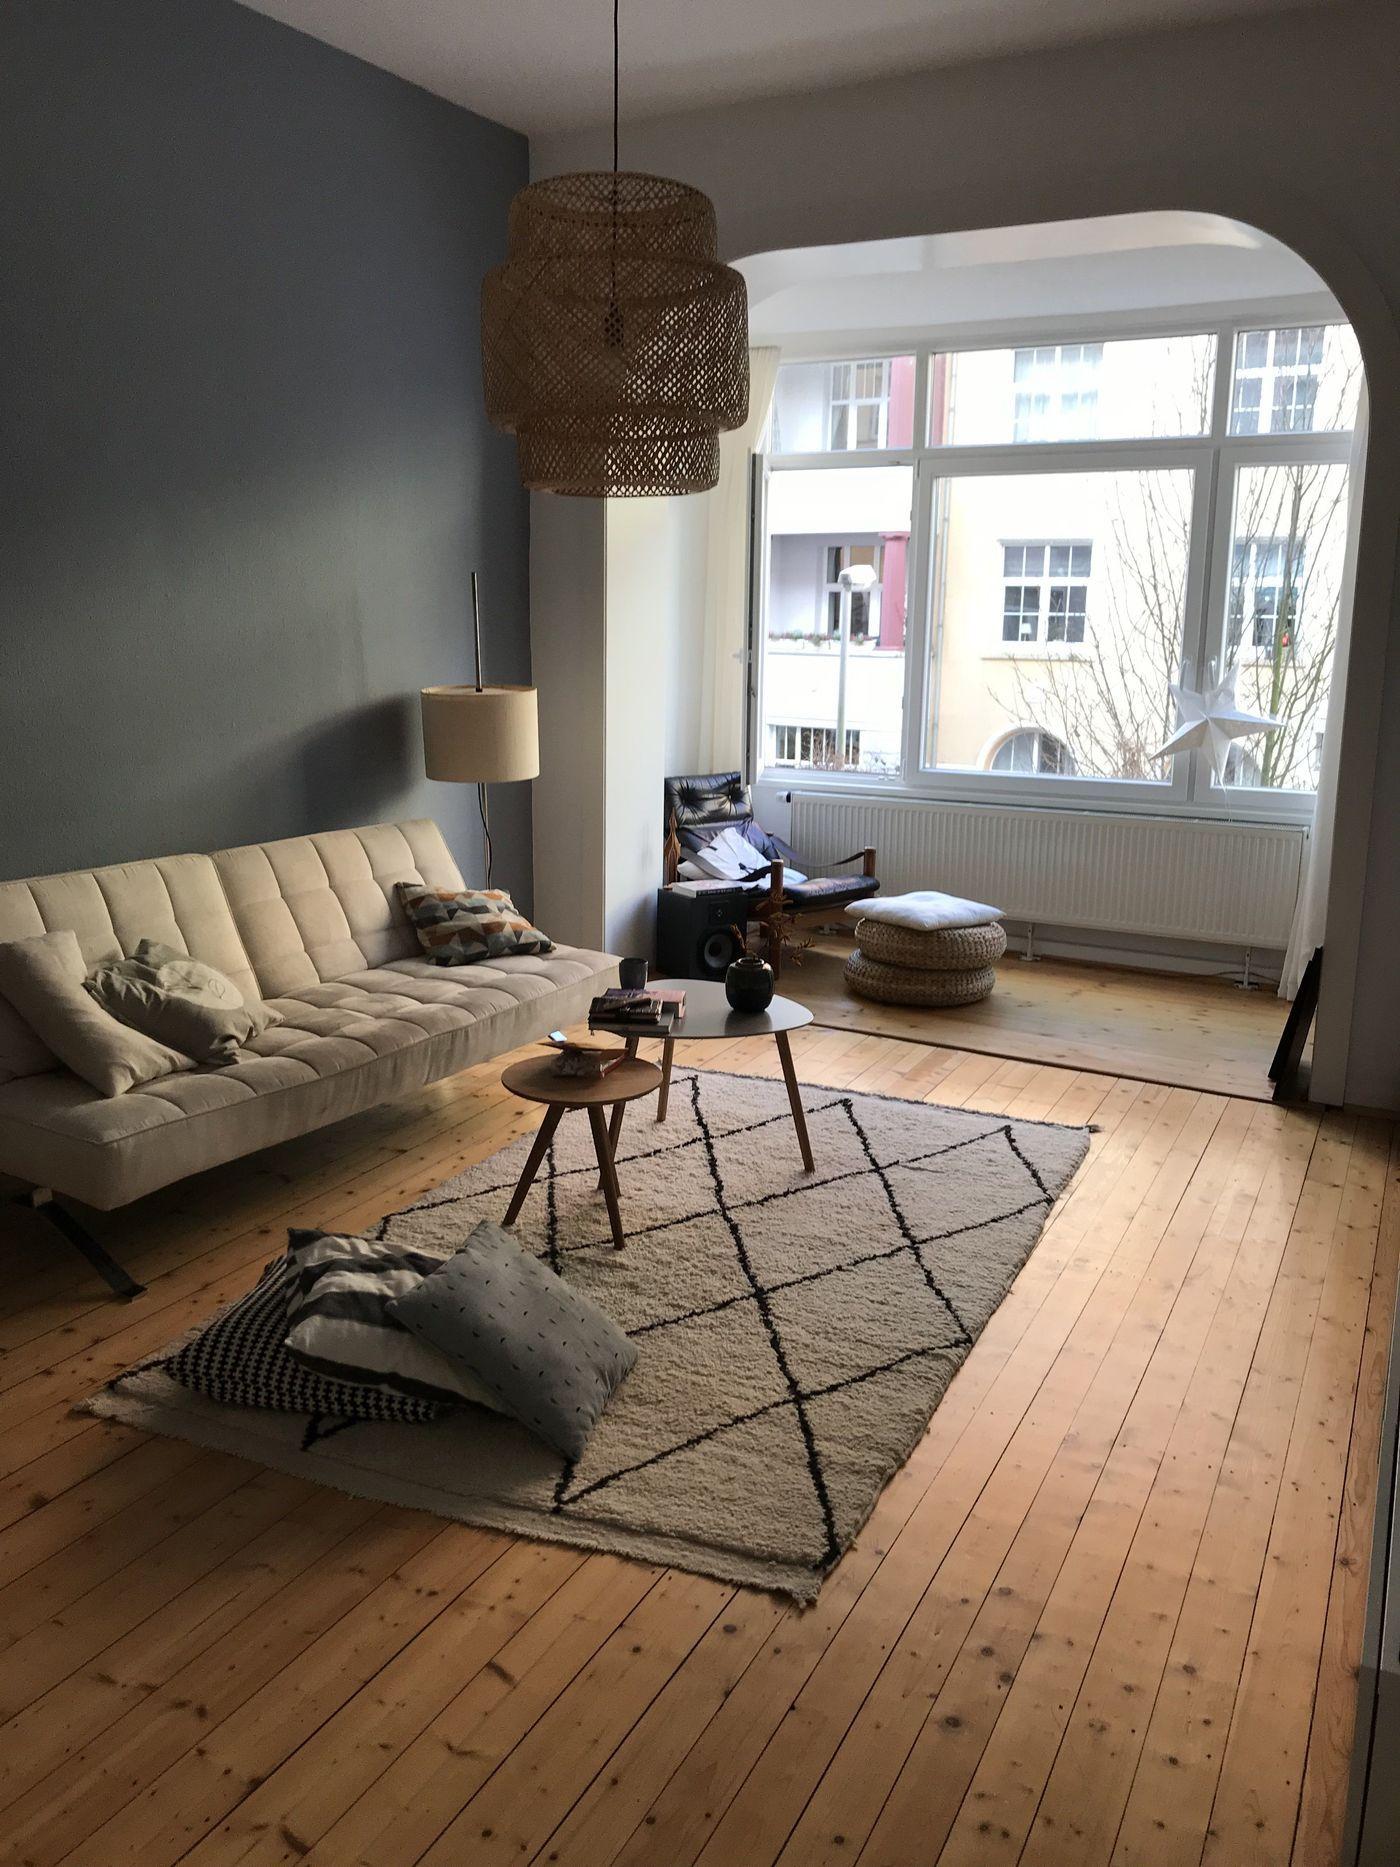 sch ne beni ourain berberteppiche in echten wohnungen. Black Bedroom Furniture Sets. Home Design Ideas